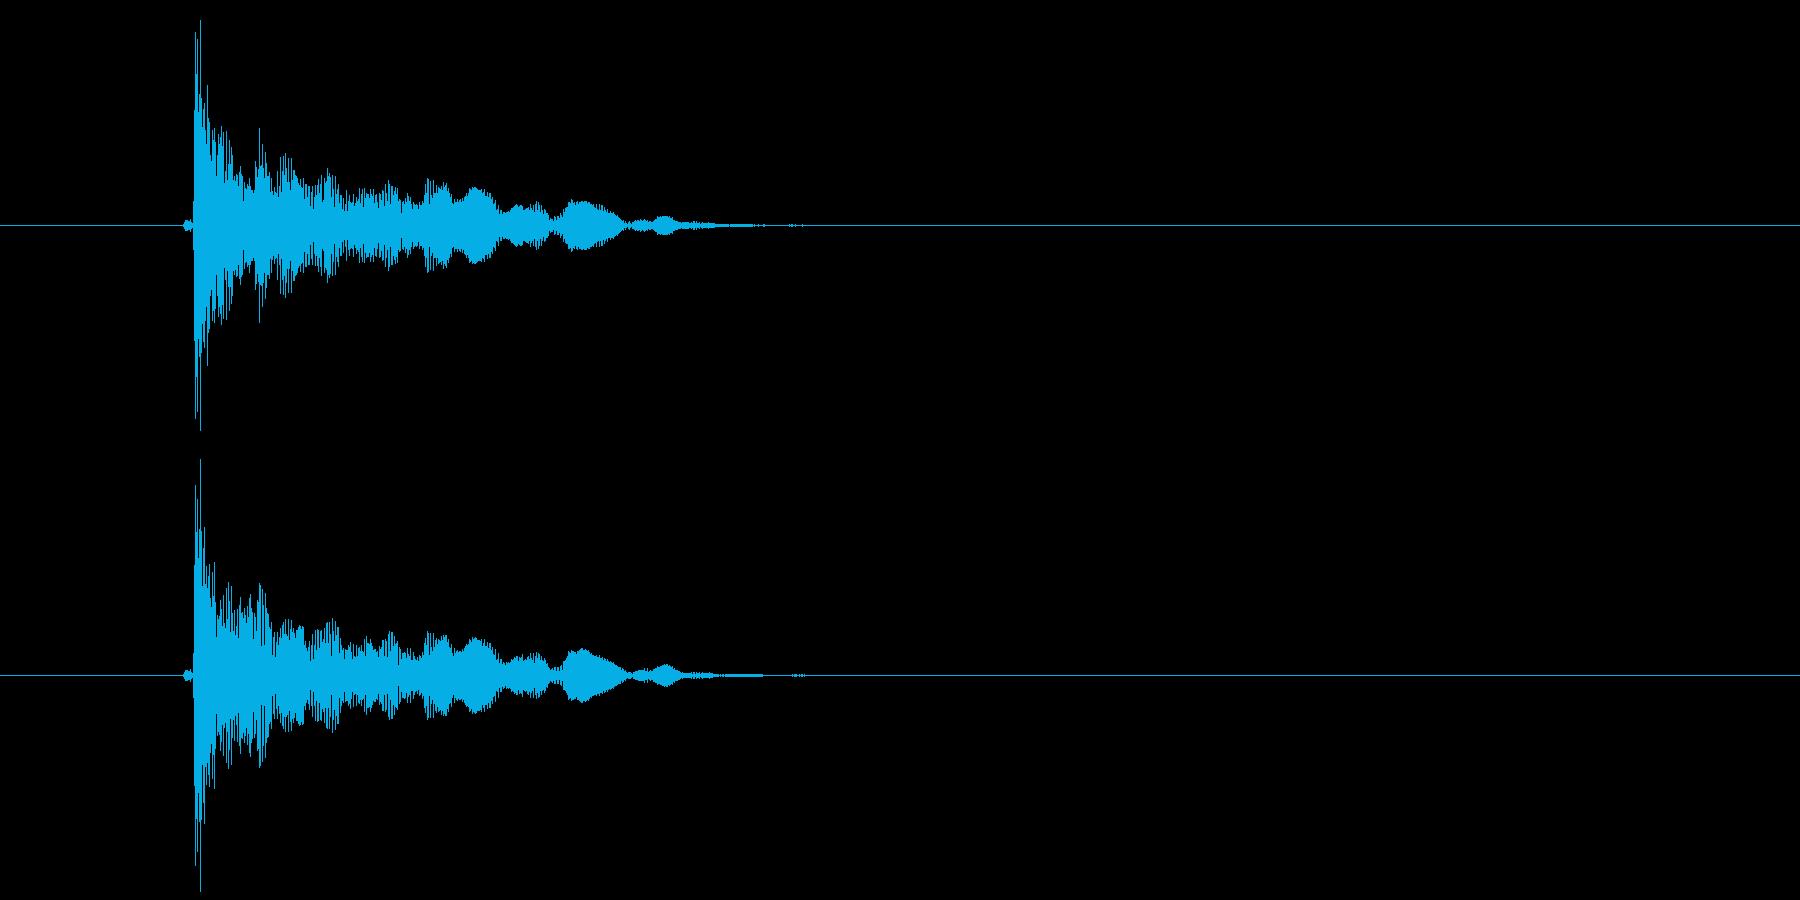 ポン(破裂音、切れる音、はじく音)の再生済みの波形